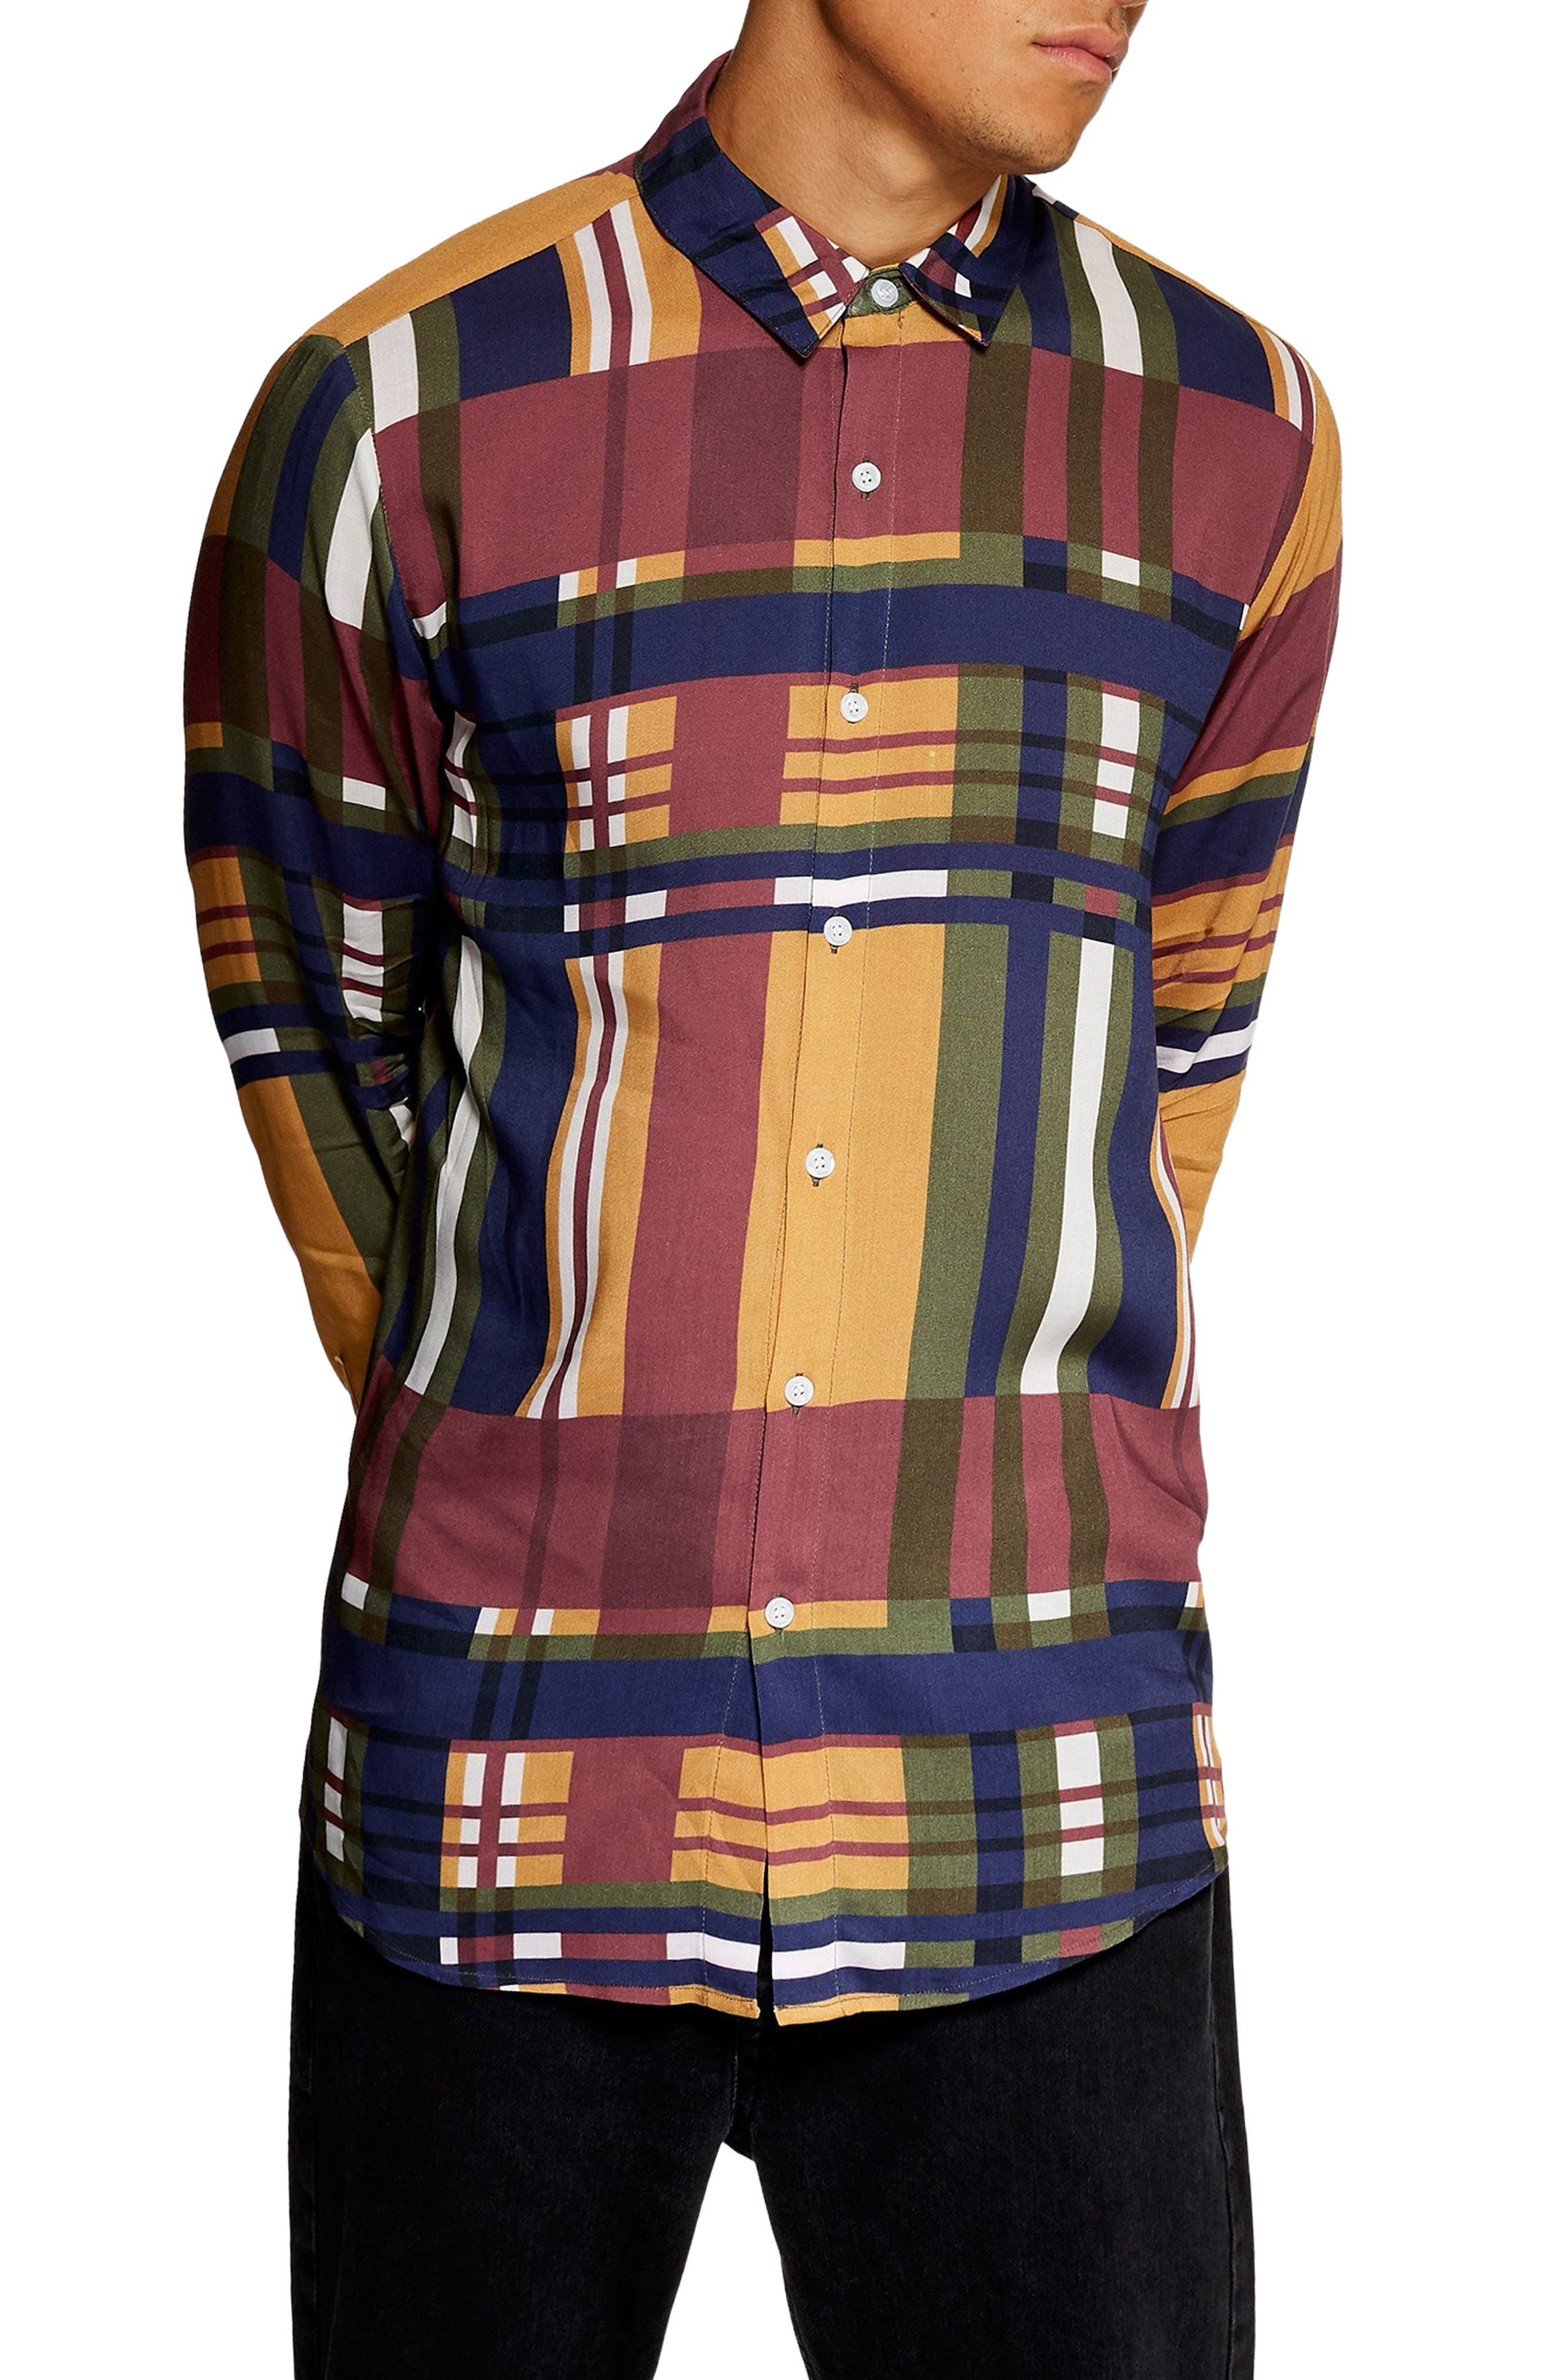 Tapenade Check Shirt,                             Main thumbnail 1, color,                             YELLOW MULTI